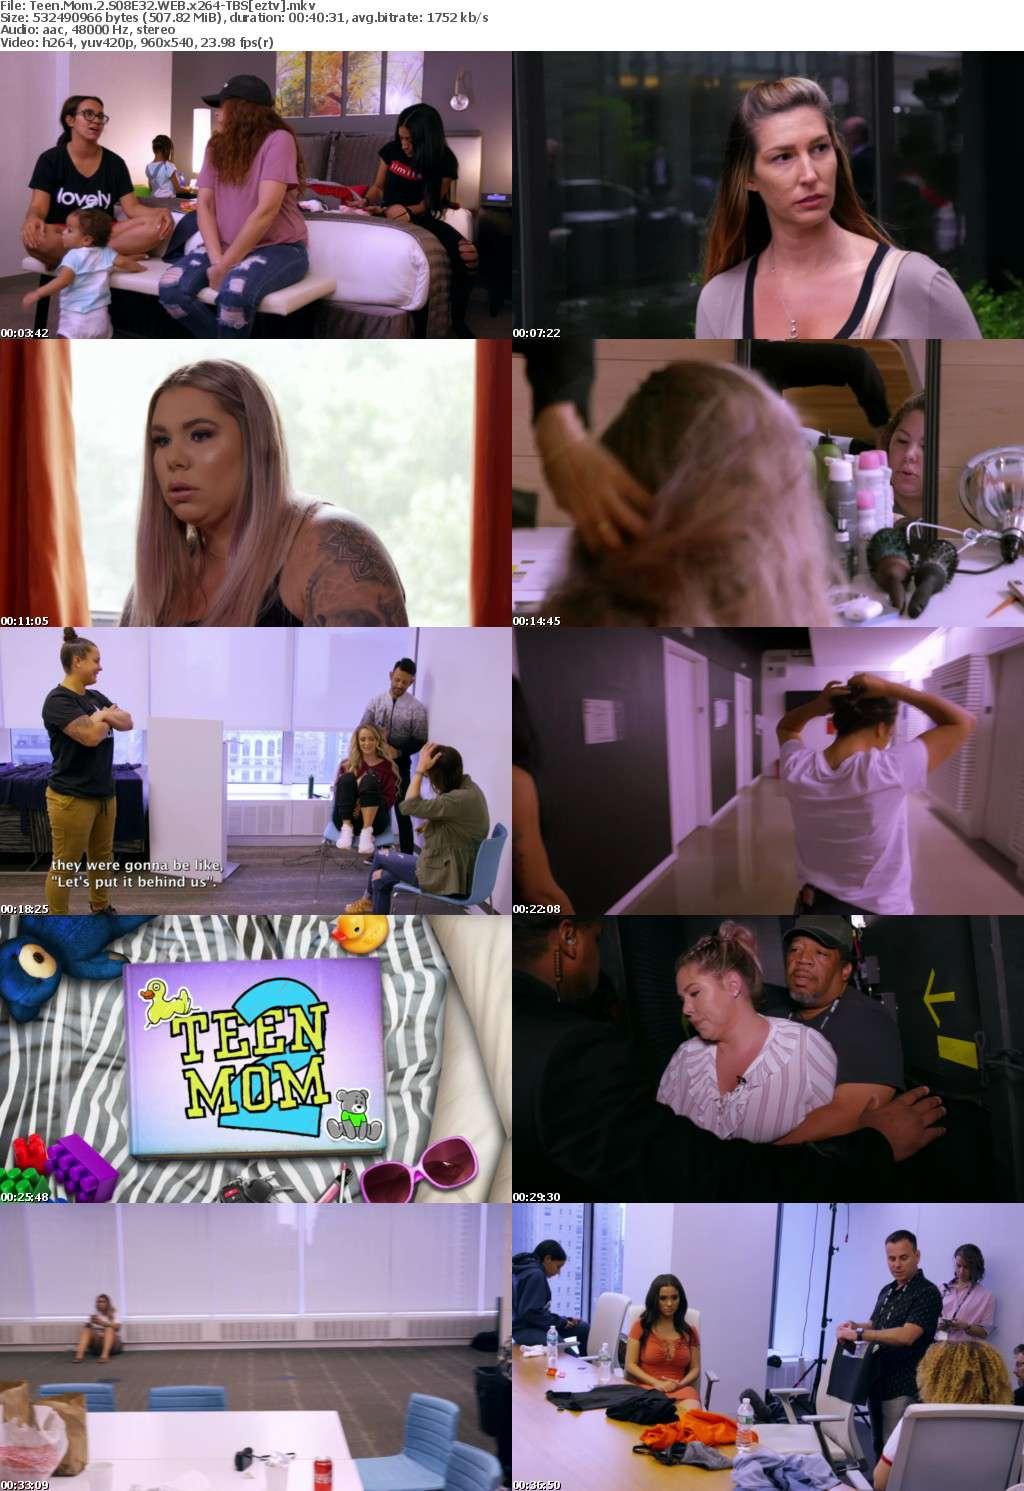 Teen Mom 2 S08E32 WEB x264-TBS